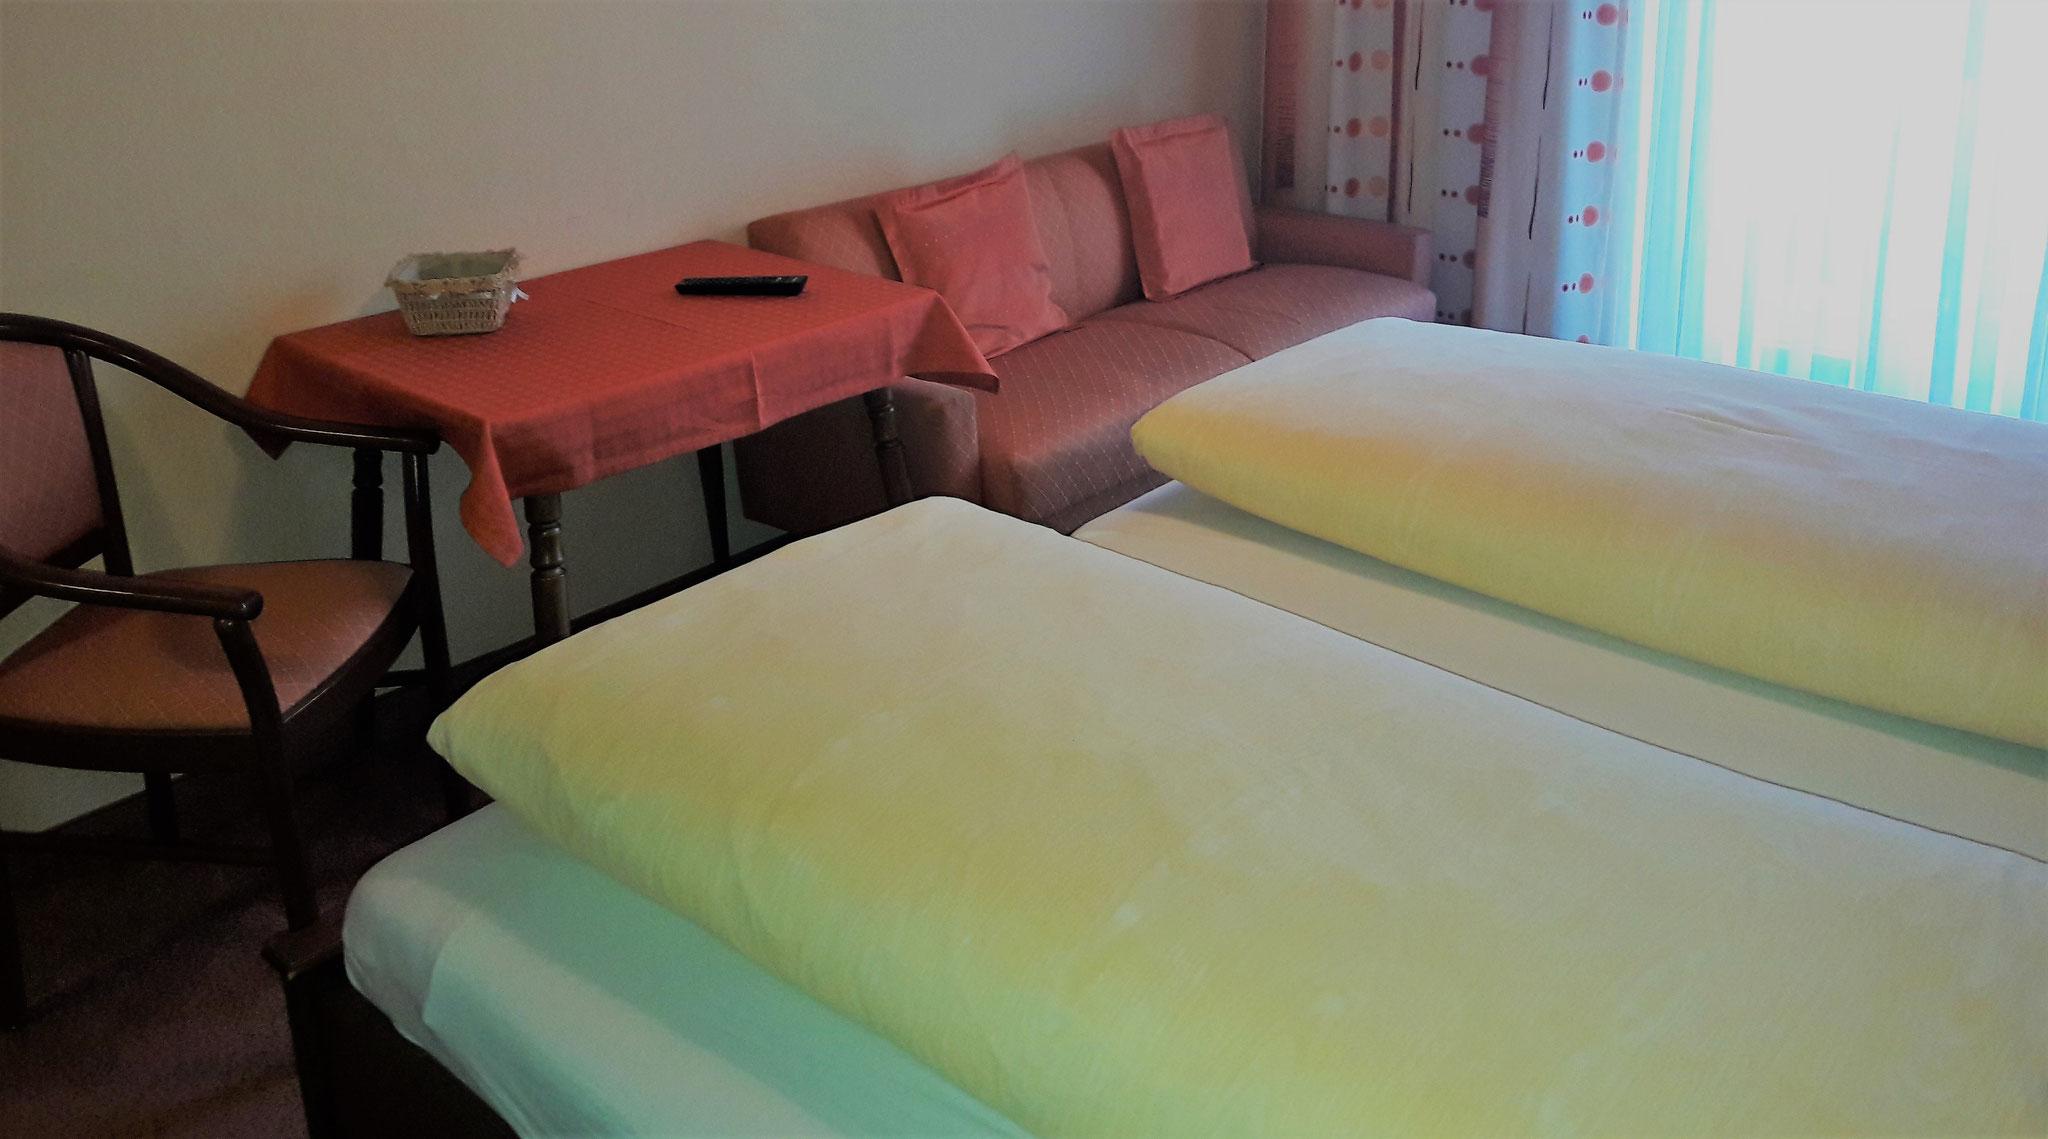 Doppelbettzimmer mit Caoch